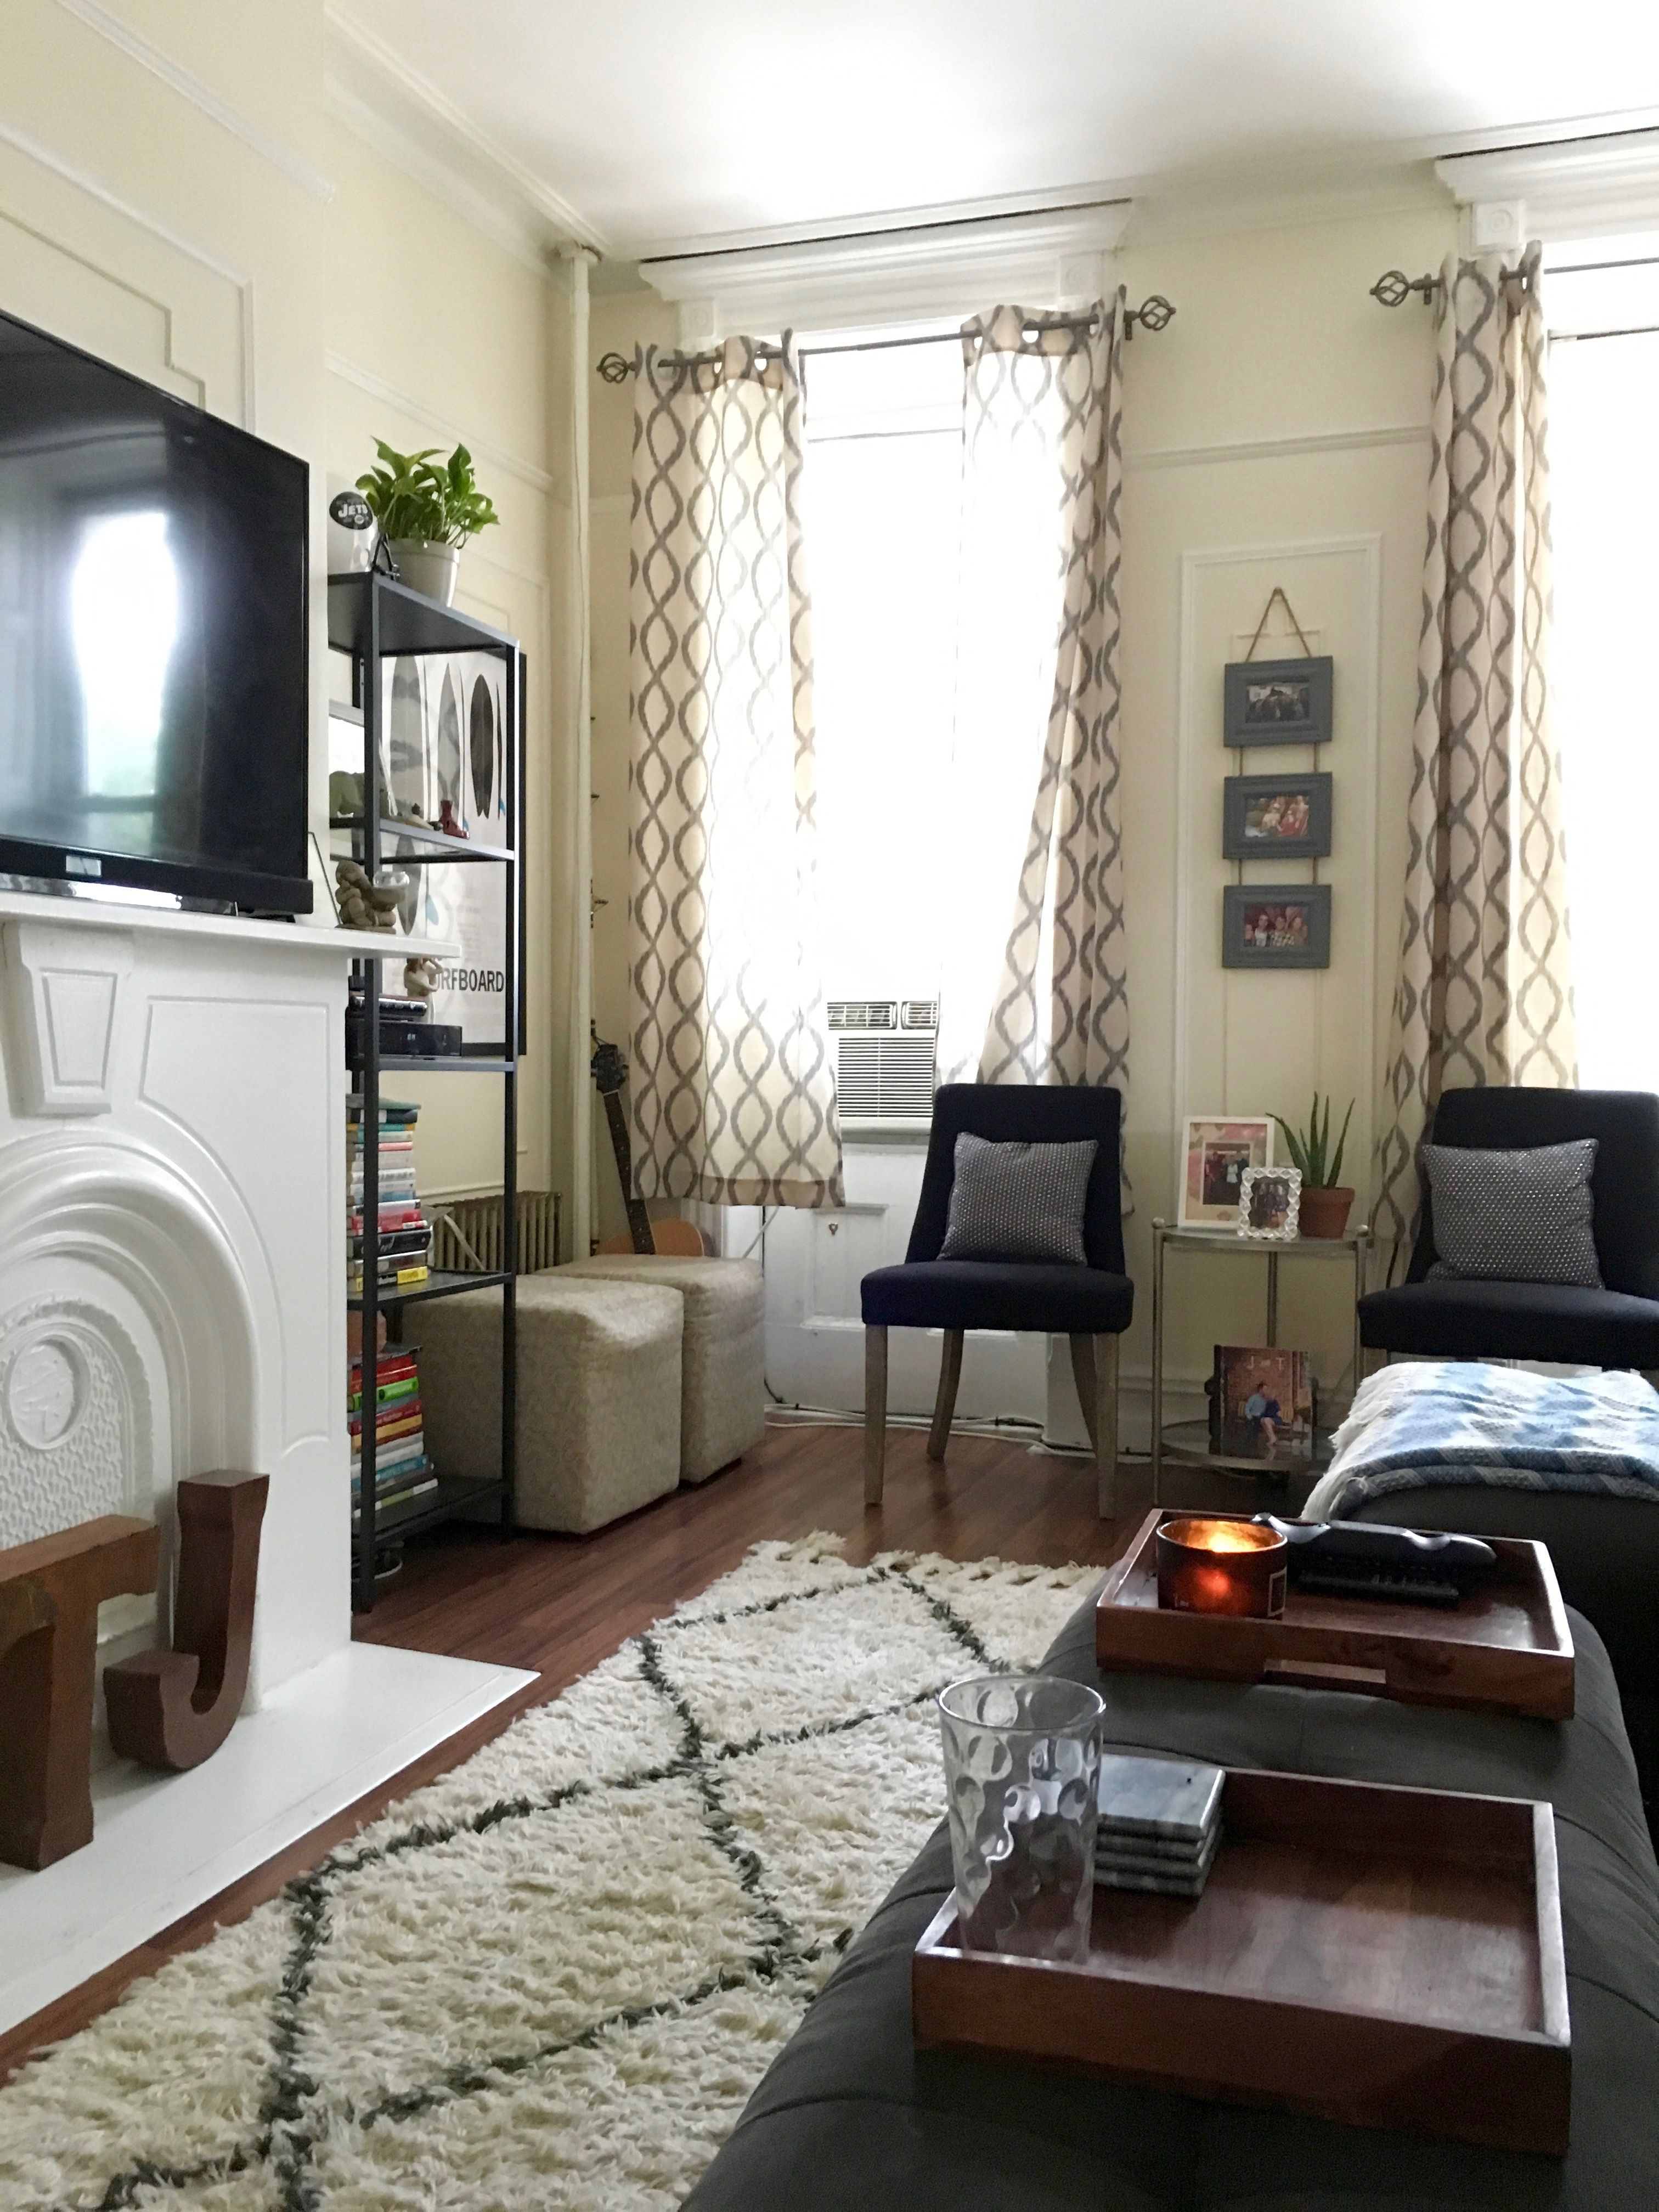 A Comfy & Cozy Railroad Apartment | Railroad apartment ...